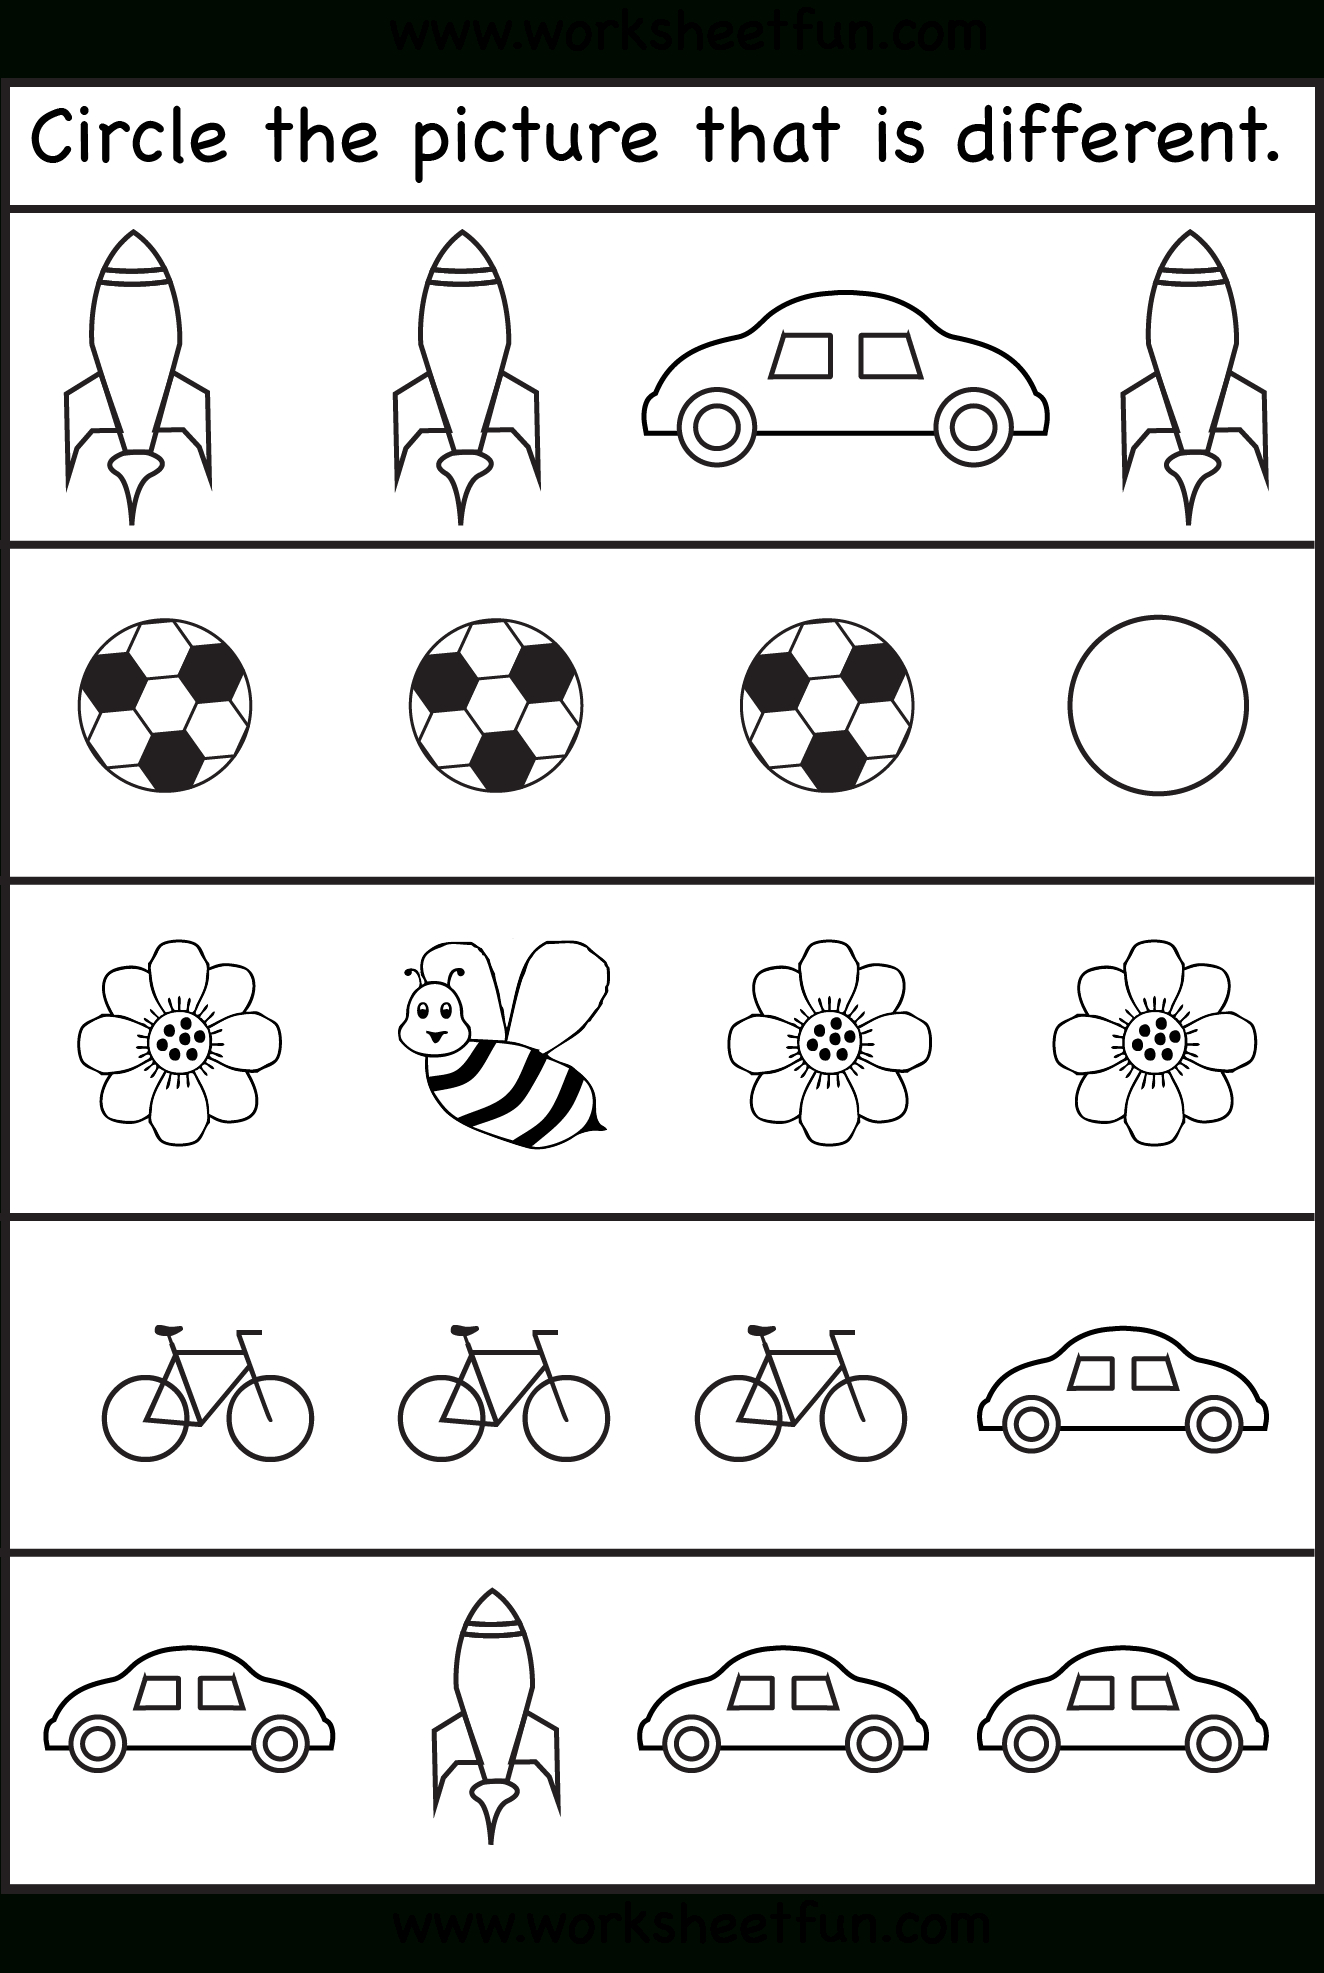 Same Or Different Worksheets For Toddler | Kids Worksheets Printable - Free Printable Same And Different Worksheets